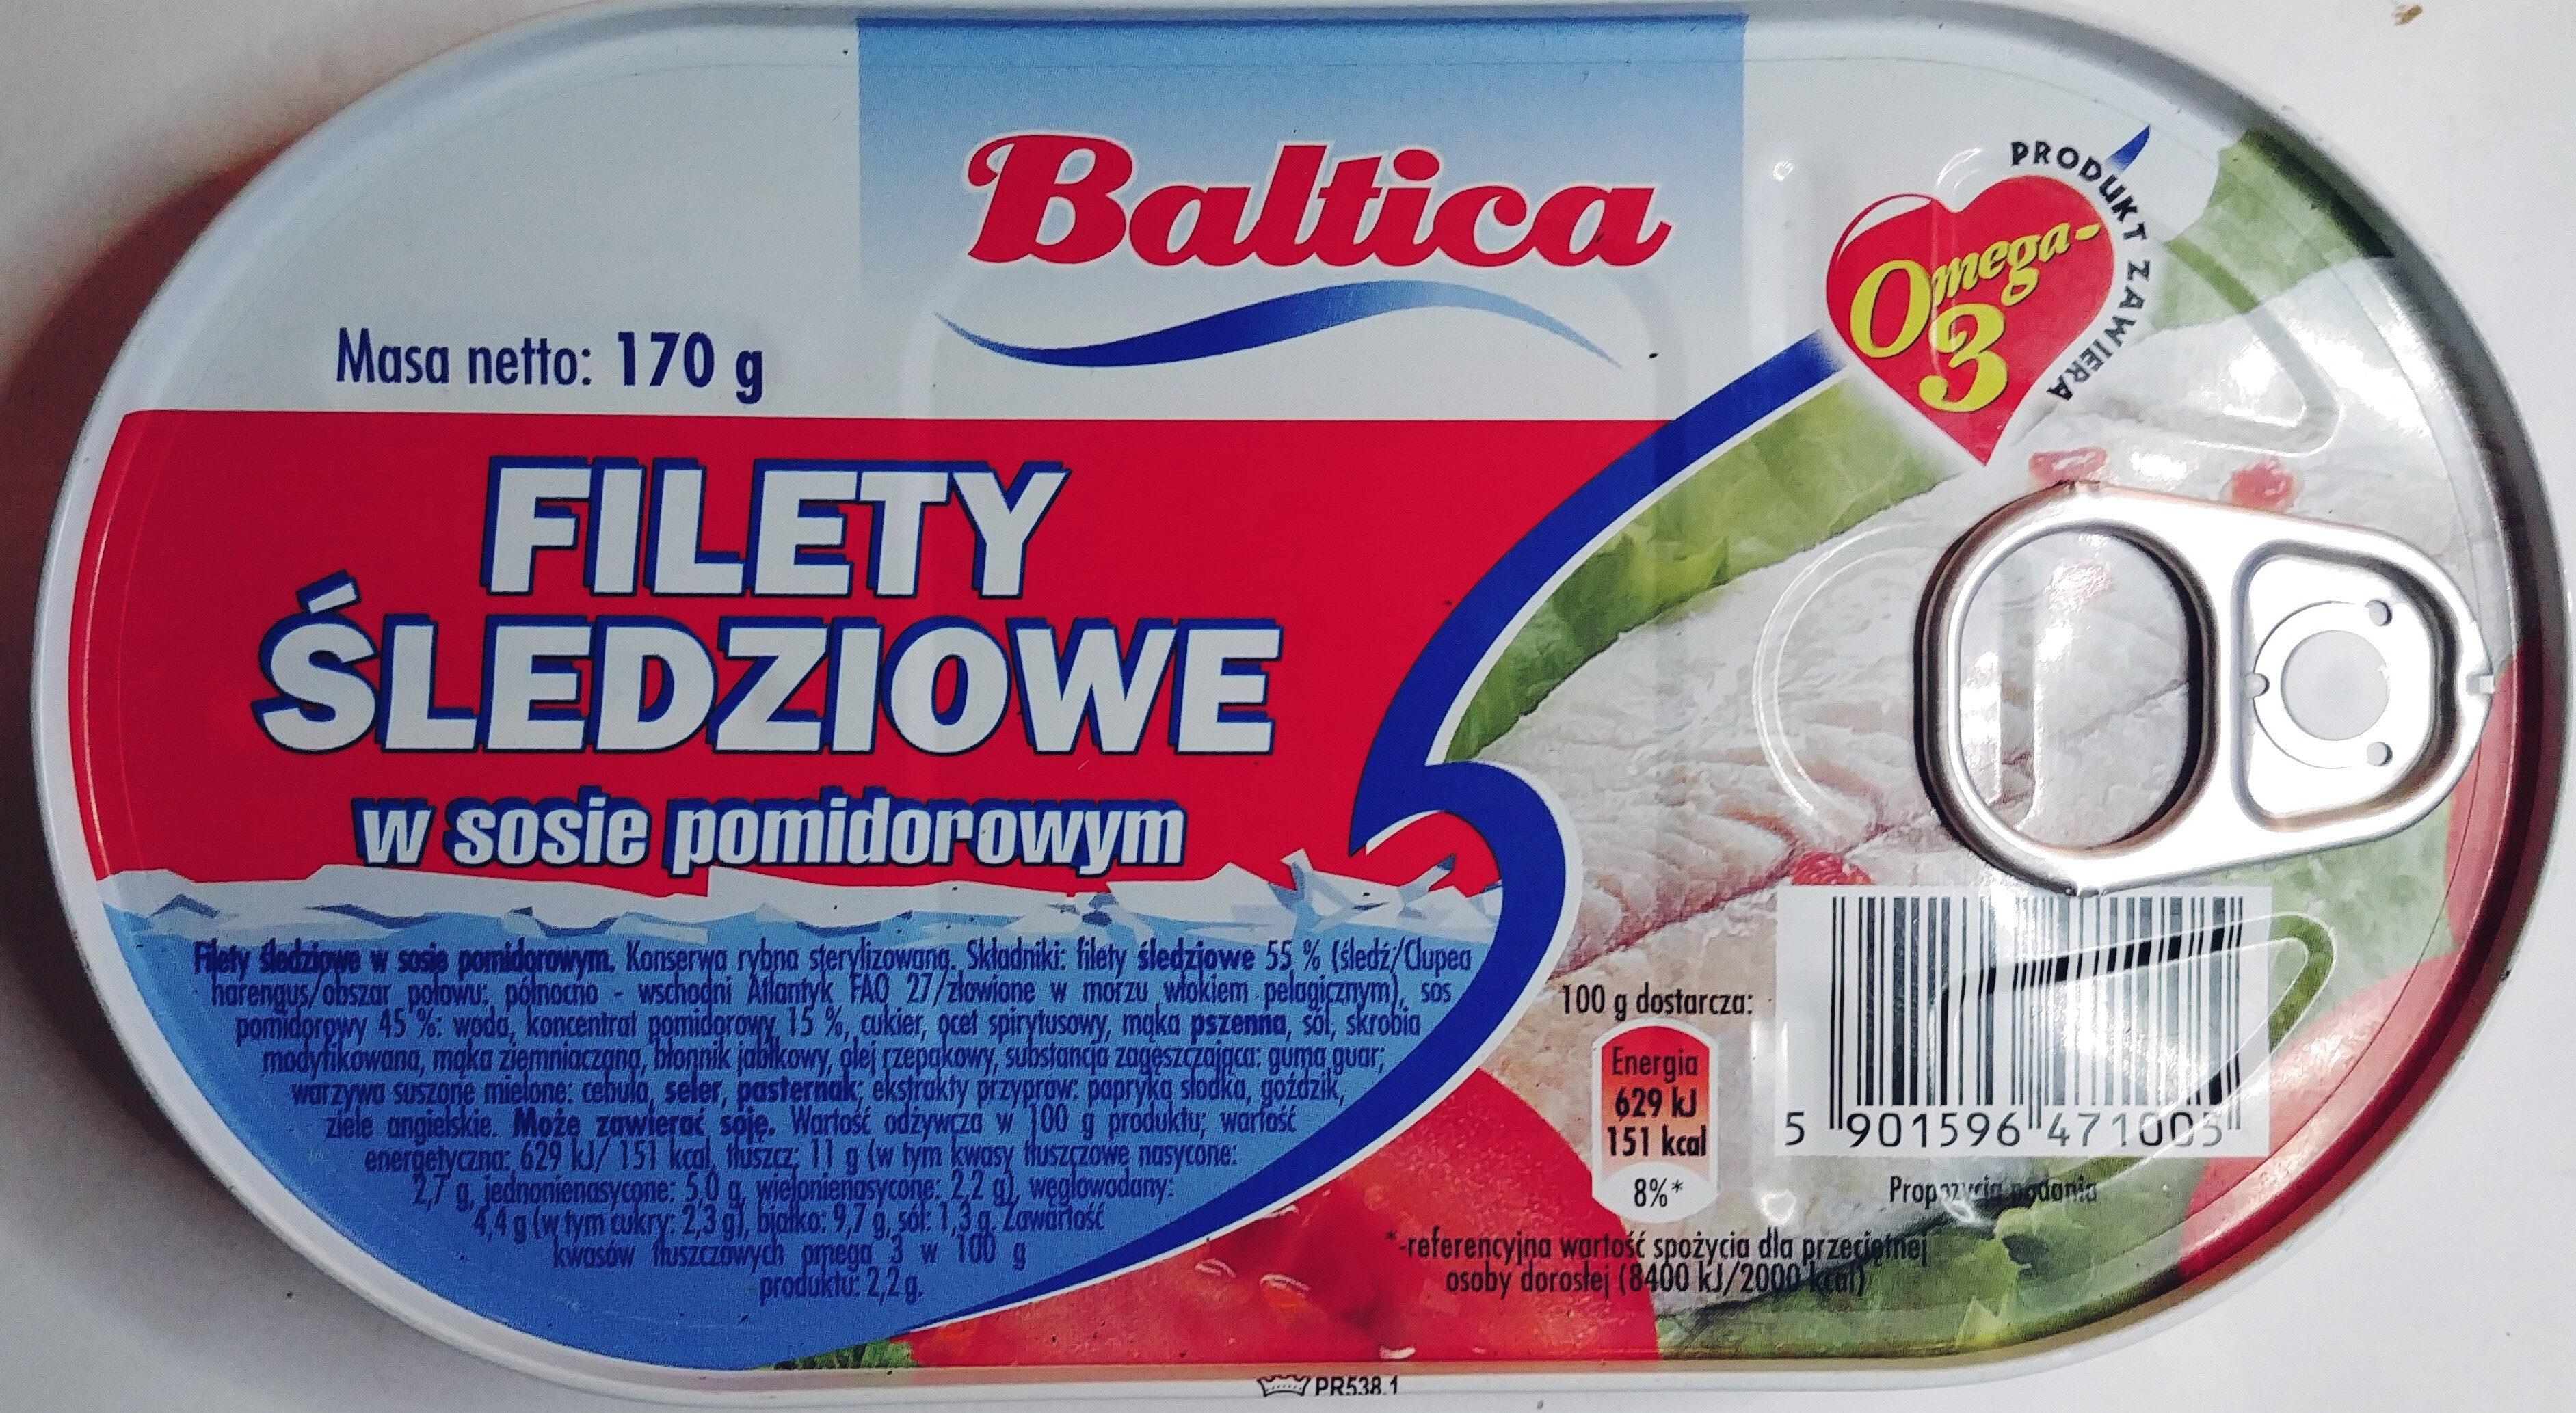 Filety śledziowe w sosie pomidorowym - Product - pl